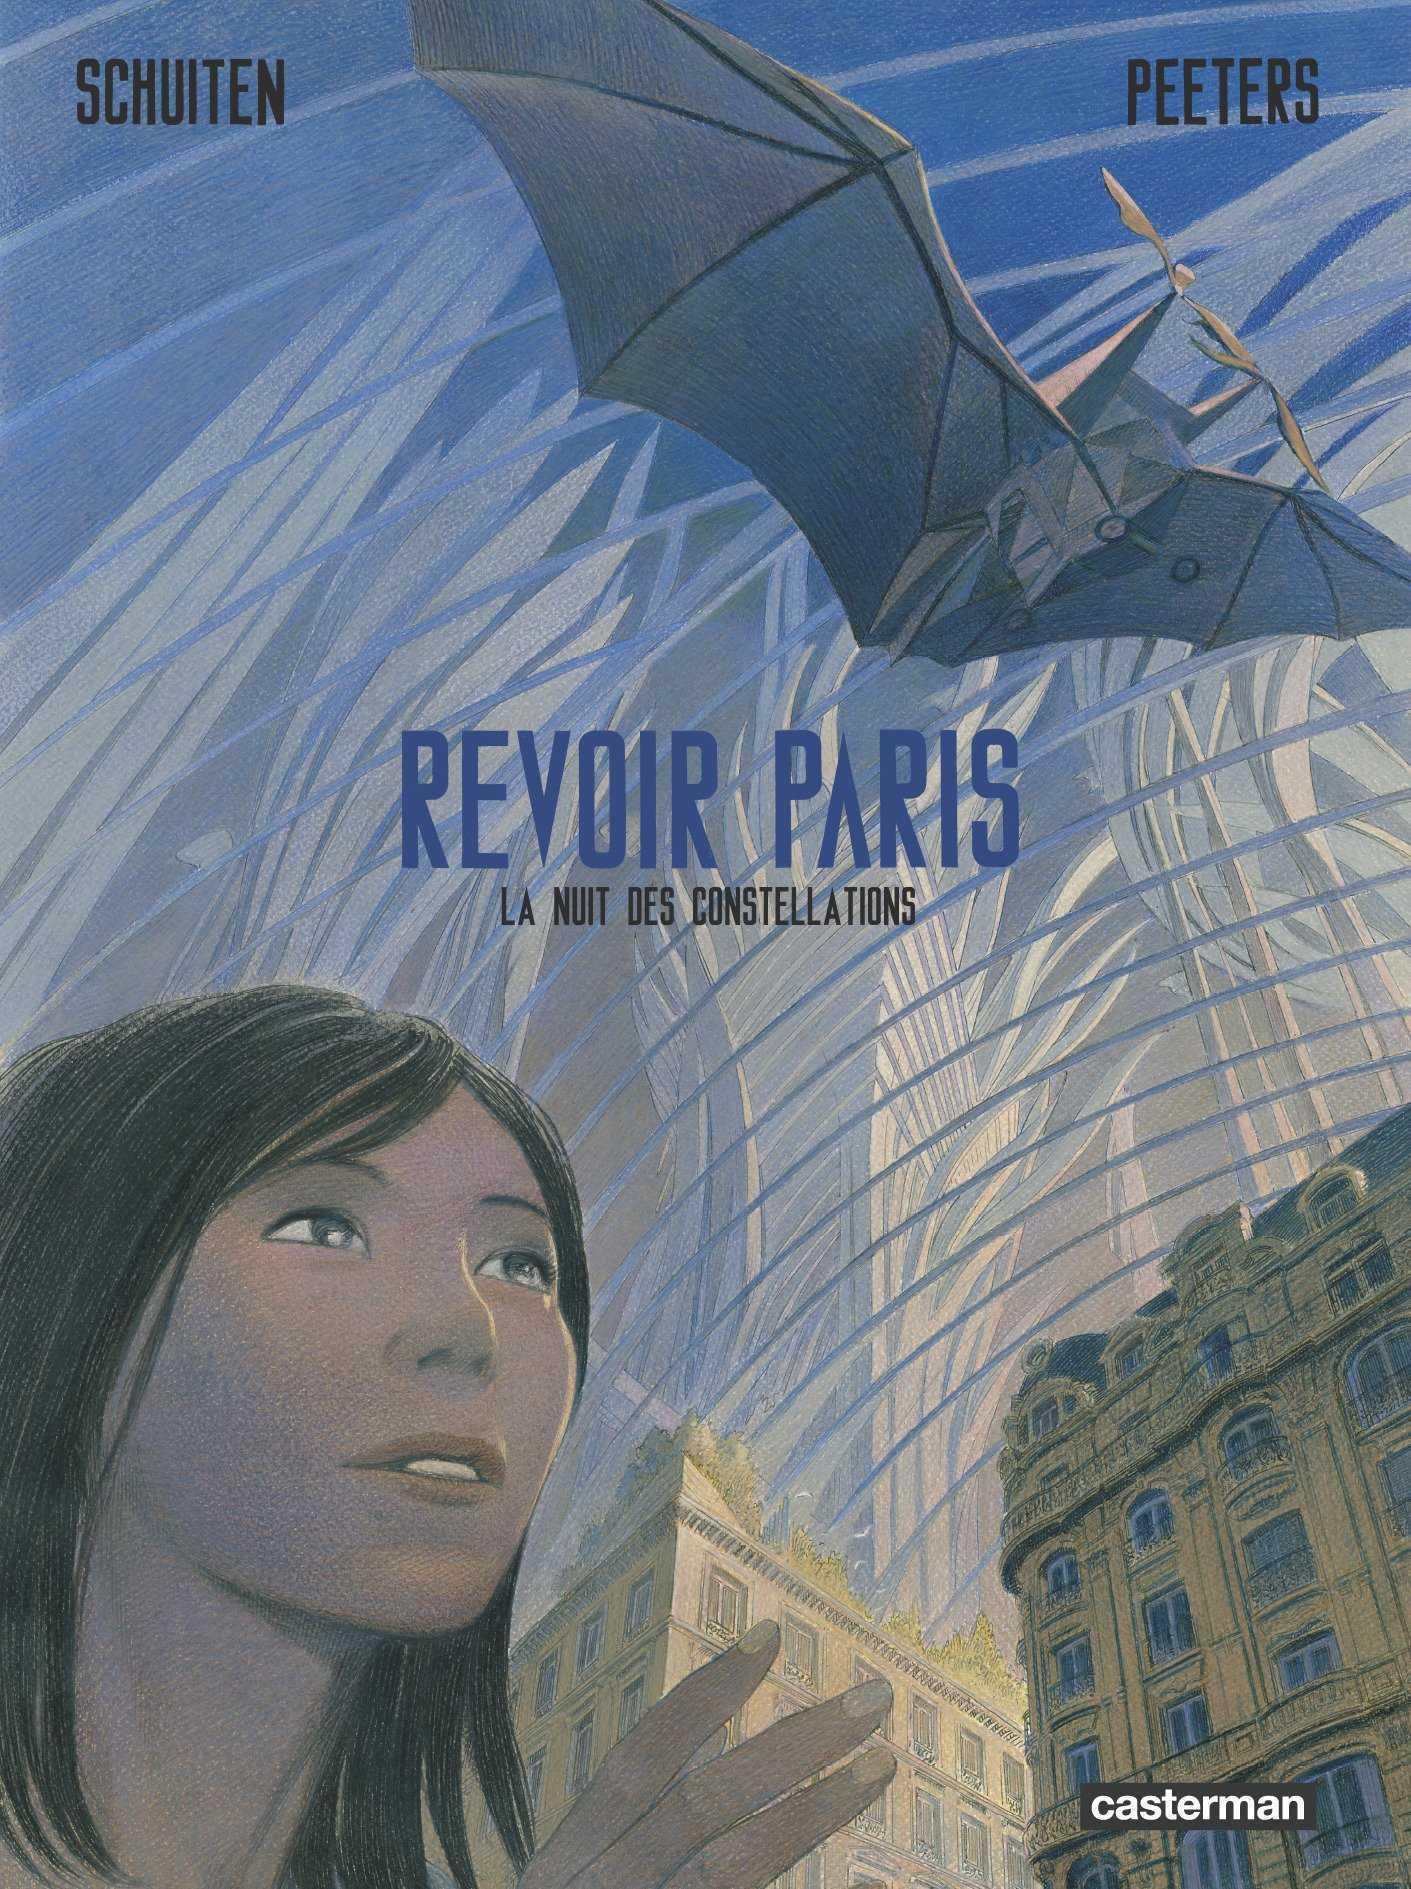 Revoir Paris T2, Schuiten et Peeters au bout d'un voyage en forme de fable et une exposition à Paris aux Arts et Métiers